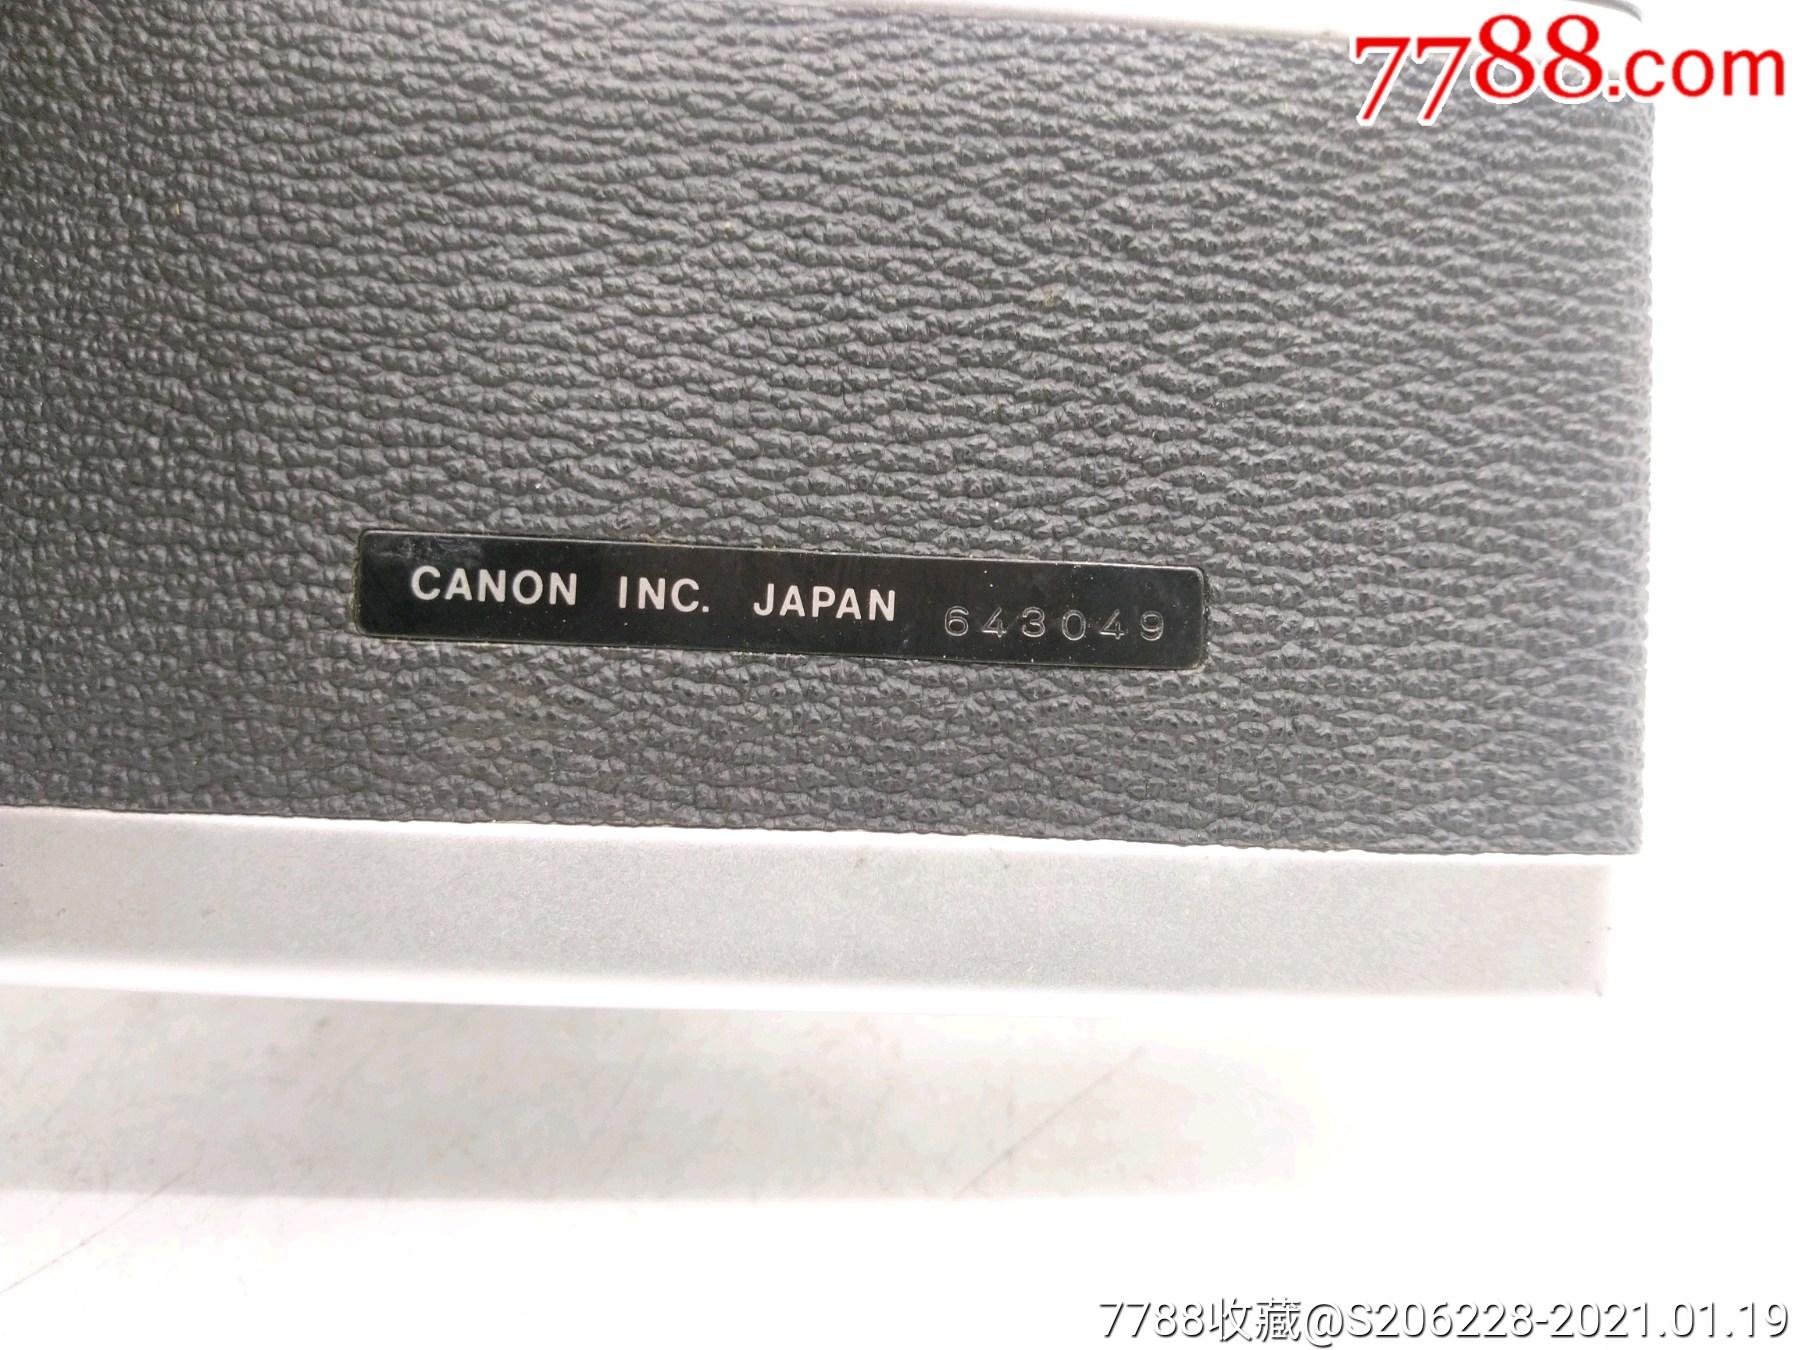 229★Canon_Canonet-QL17旁軸相機/機身編號:643049_價格260元_第6張_